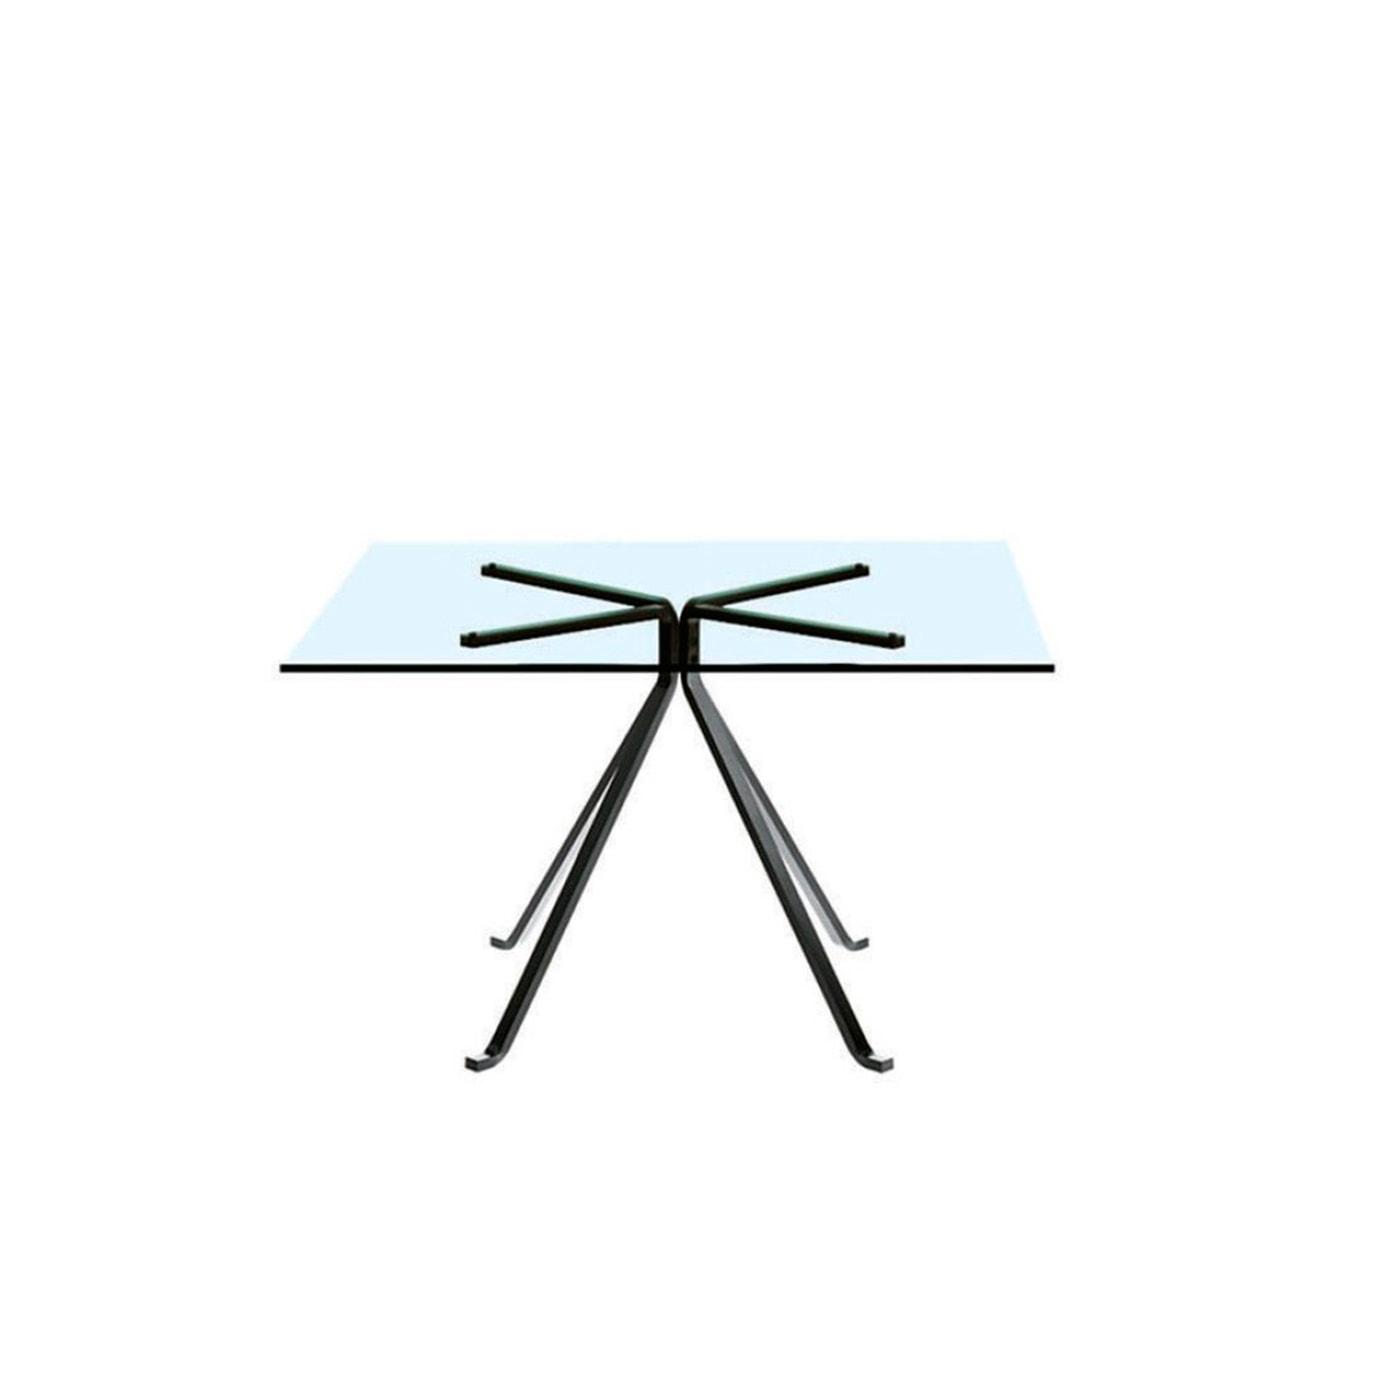 DRIADE_Cugino-tavolo-quadrato in vetro